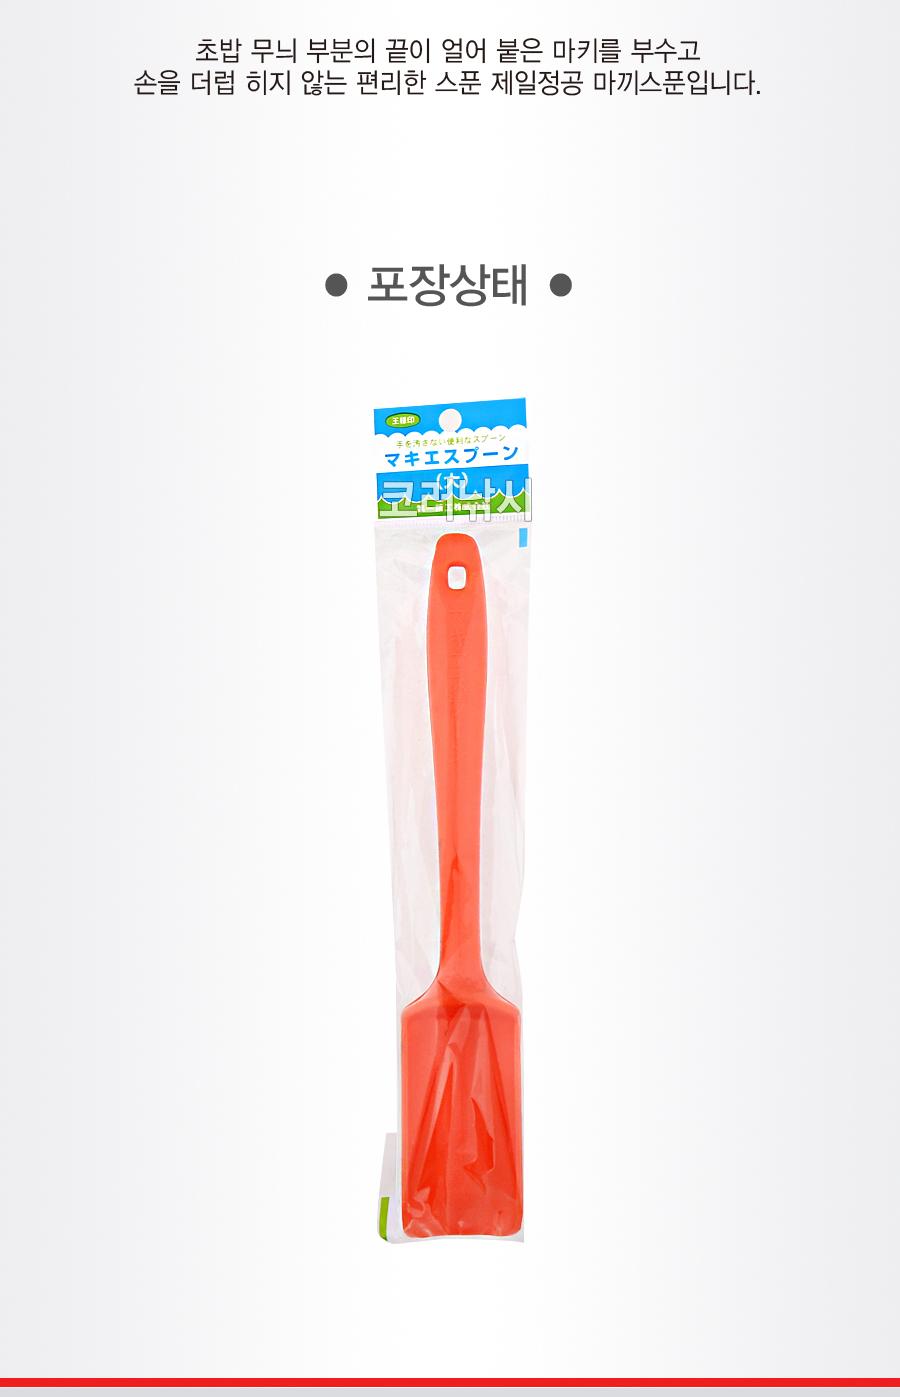 제일정공 마끼스푼 밑밥주걱 낚시용품 카고밑밥스푼 카고밑밥주걱 주걱 밑밥 스푼